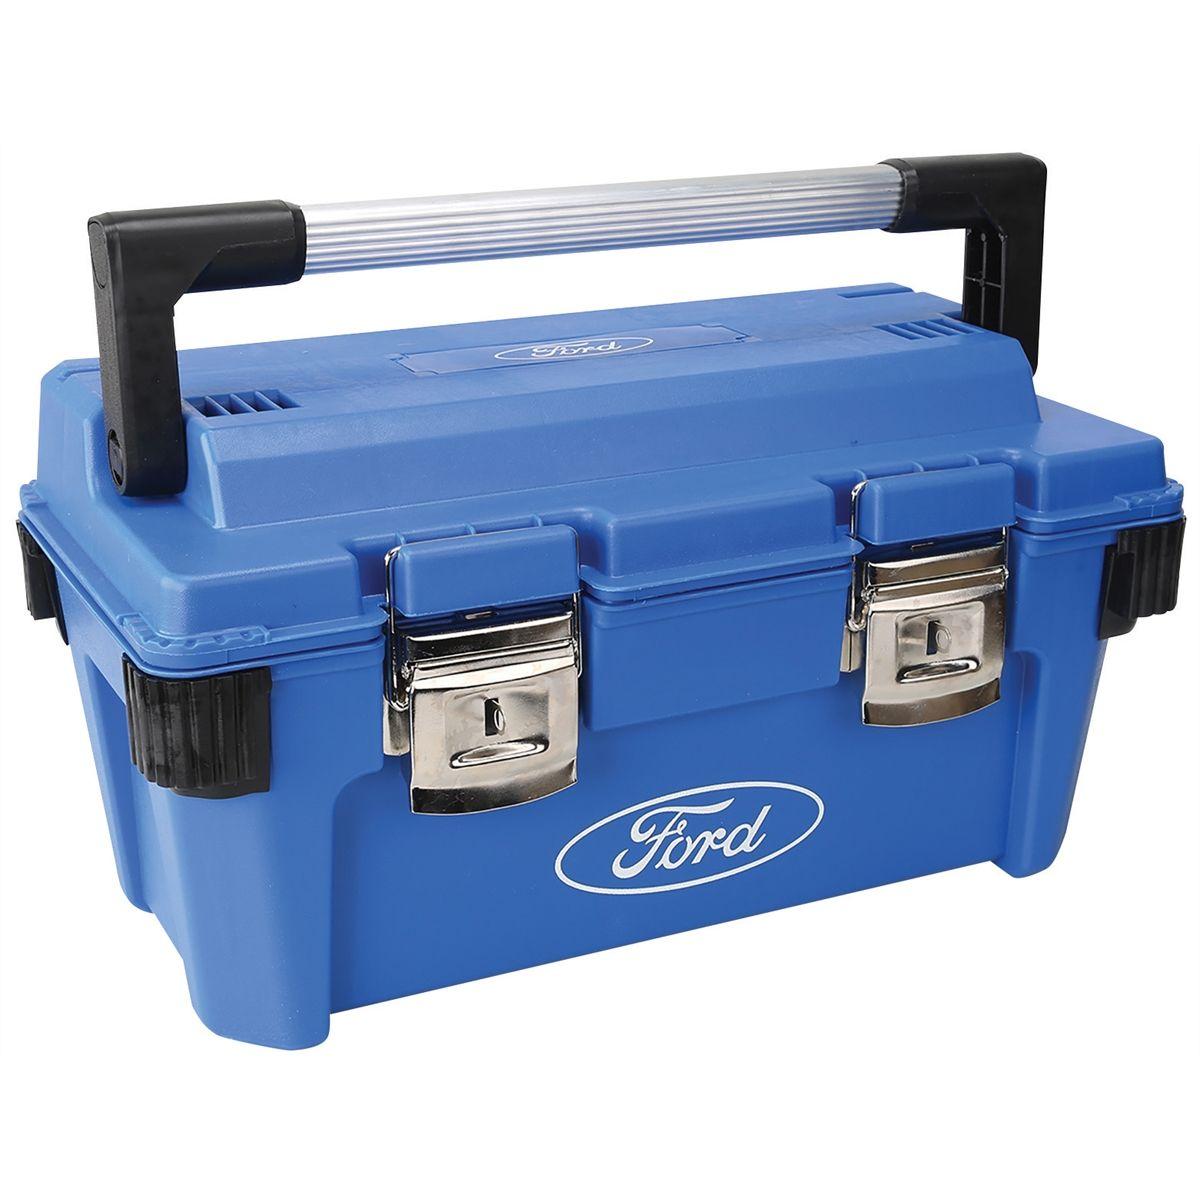 Ford Tools Tool Box Hd Plastic 19 7x10 8x10 4 Fmcfht0315